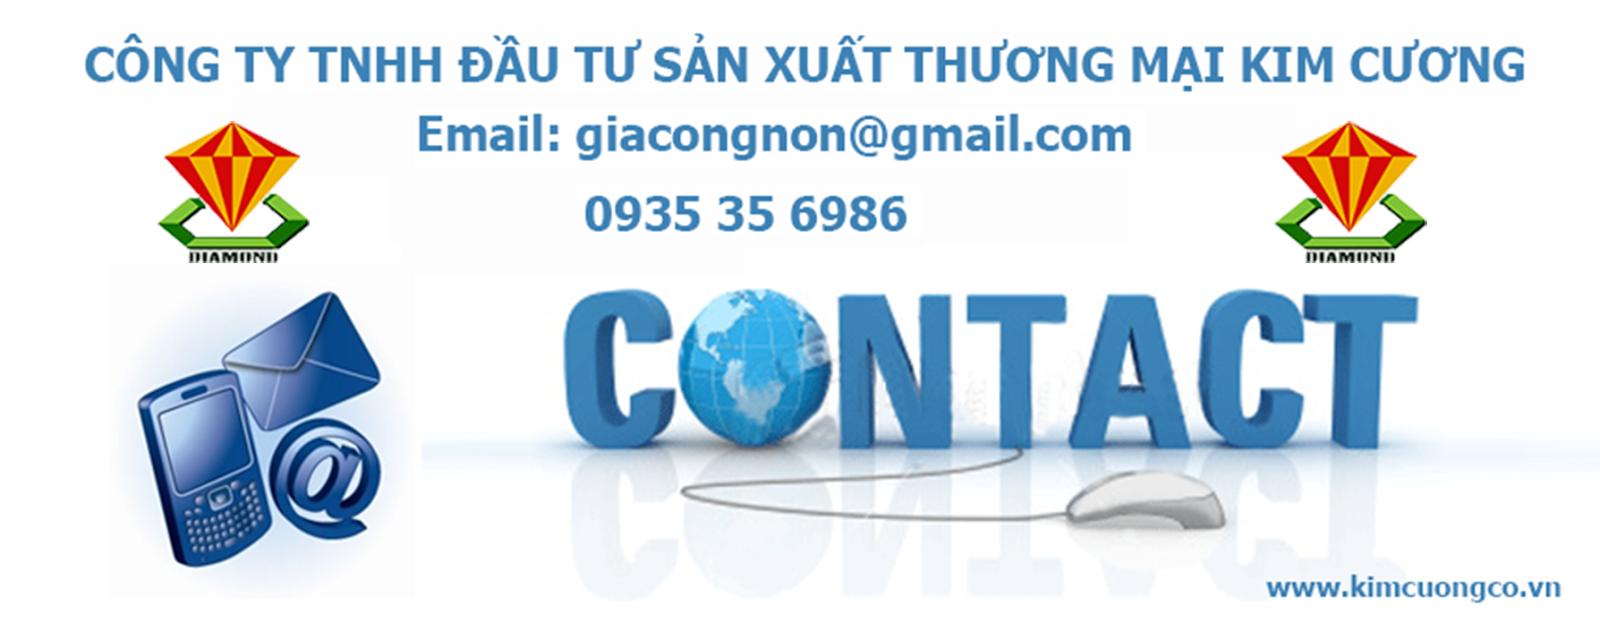 http://nontaibeo.giacongnon.com/